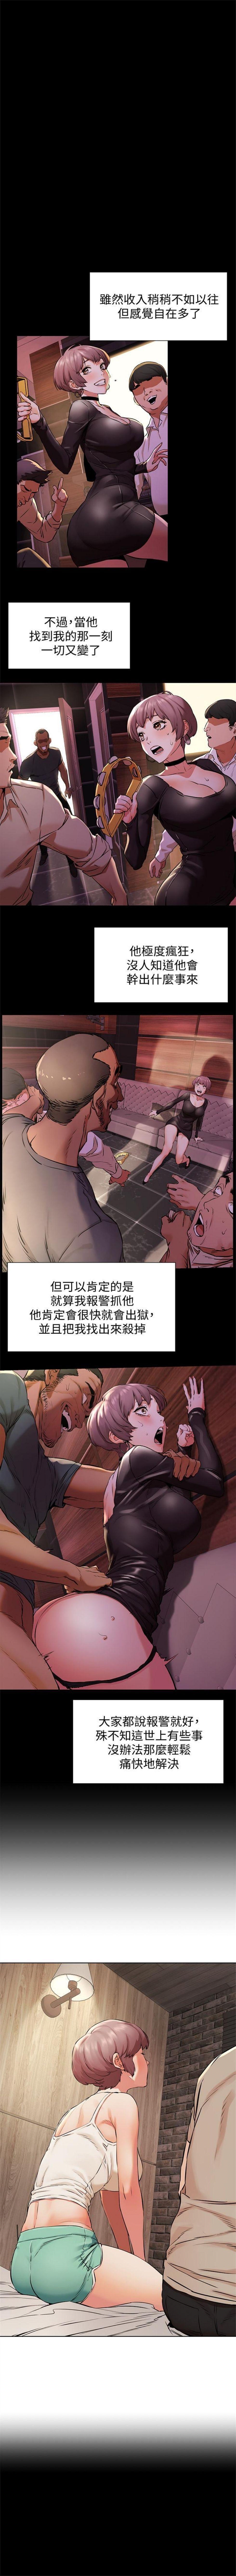 衝突 1-100官方中文(連載中) 548